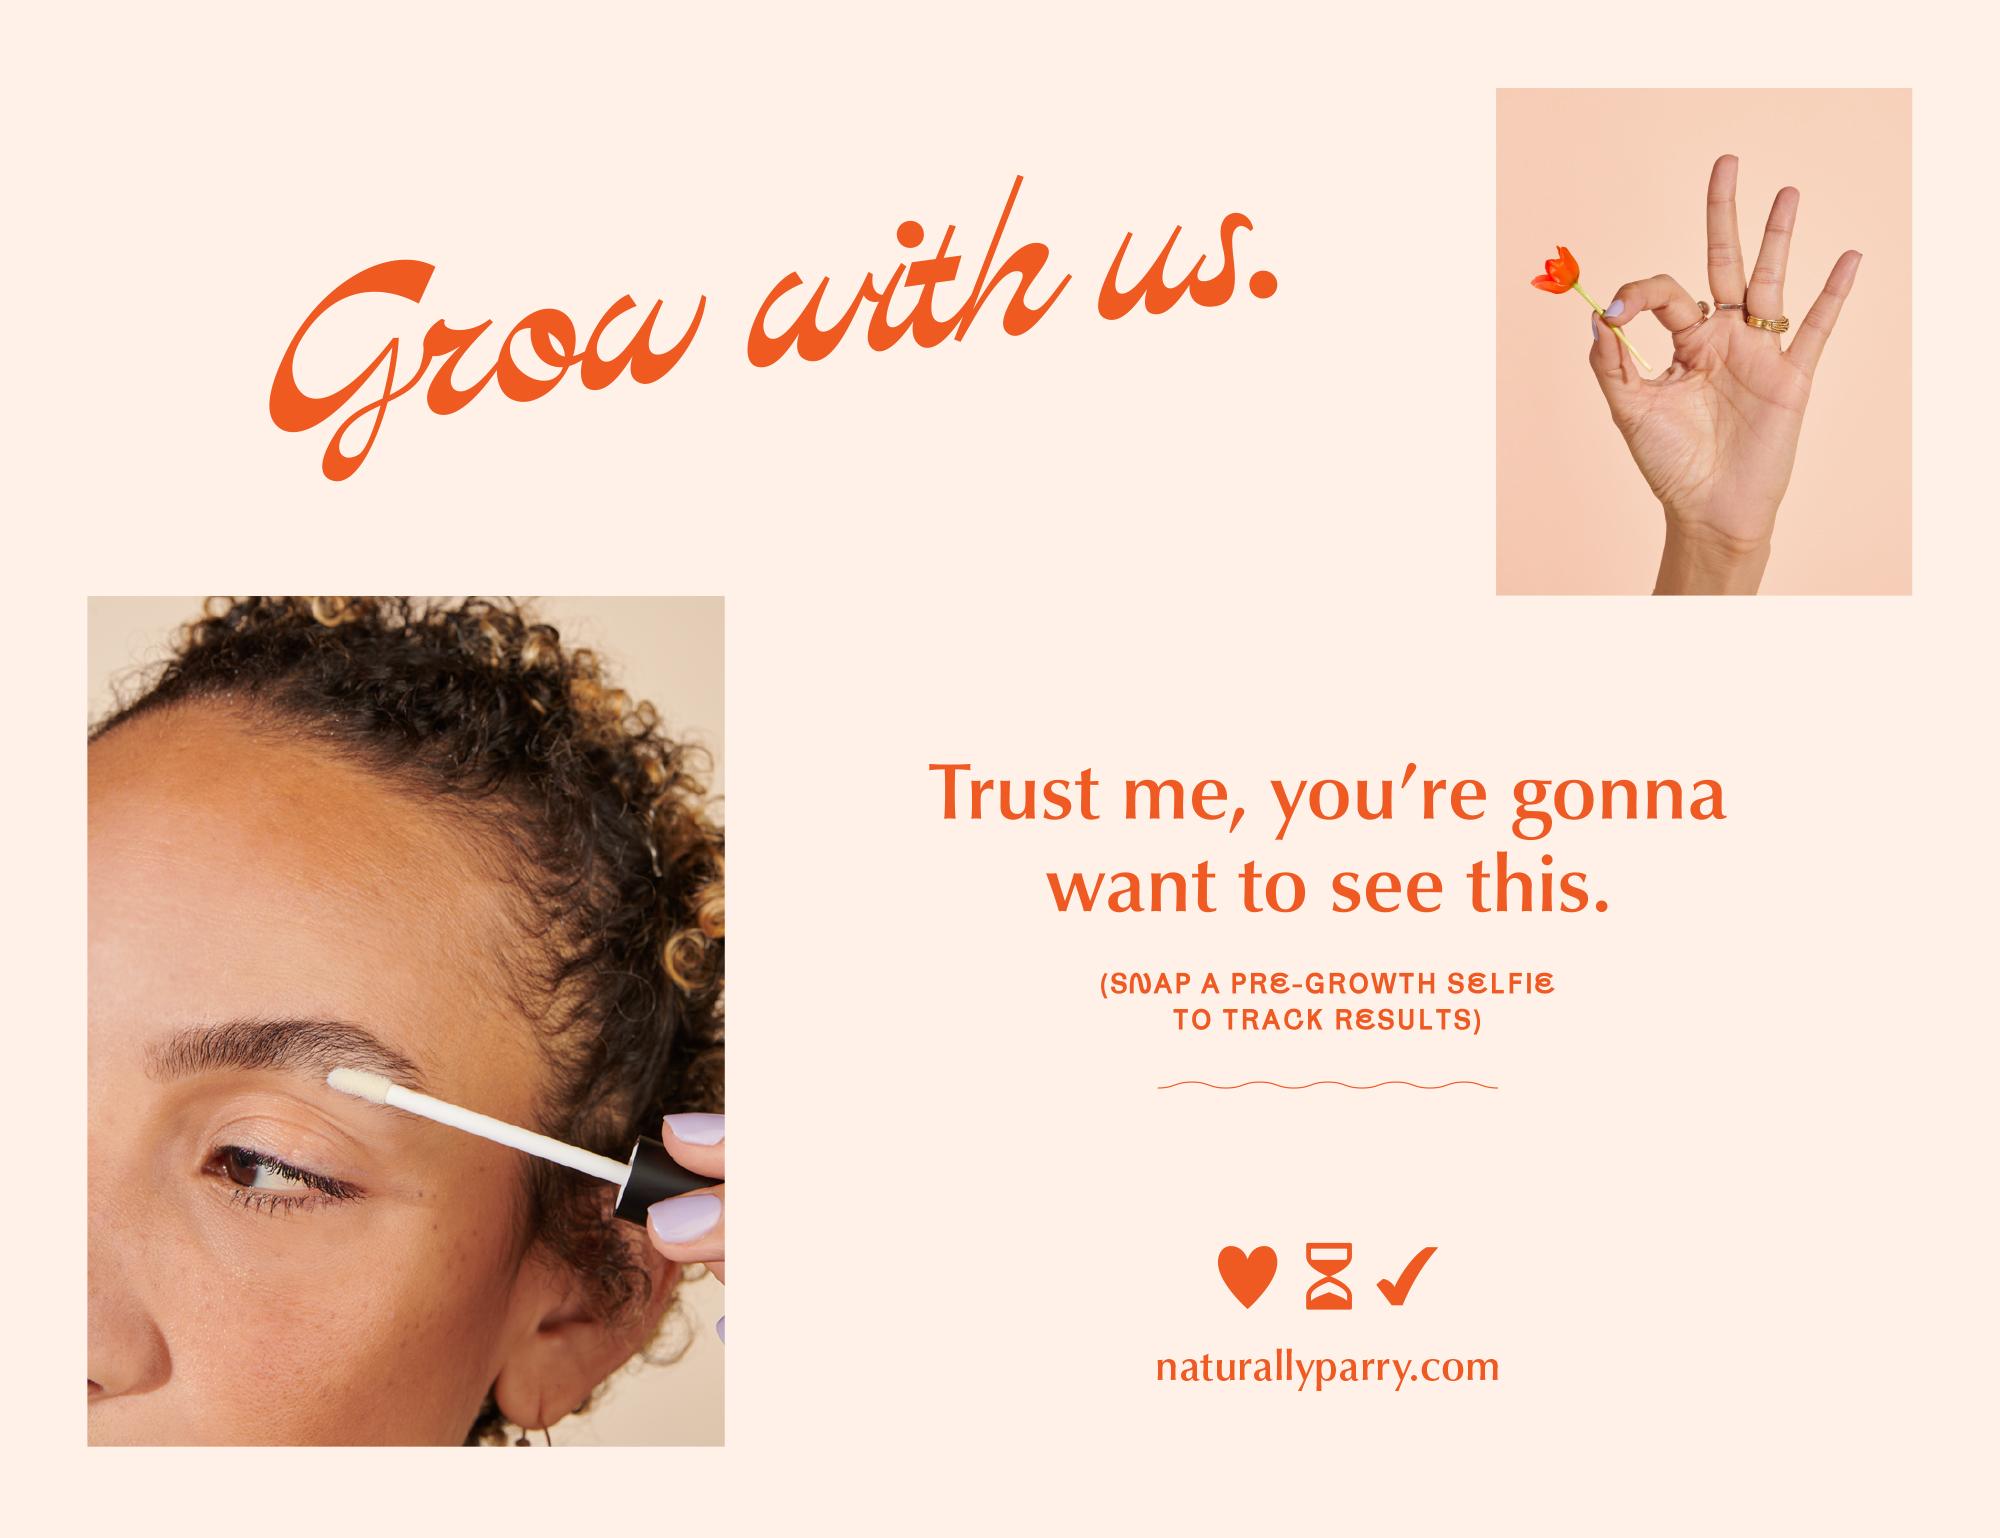 NP_Grow_with_us